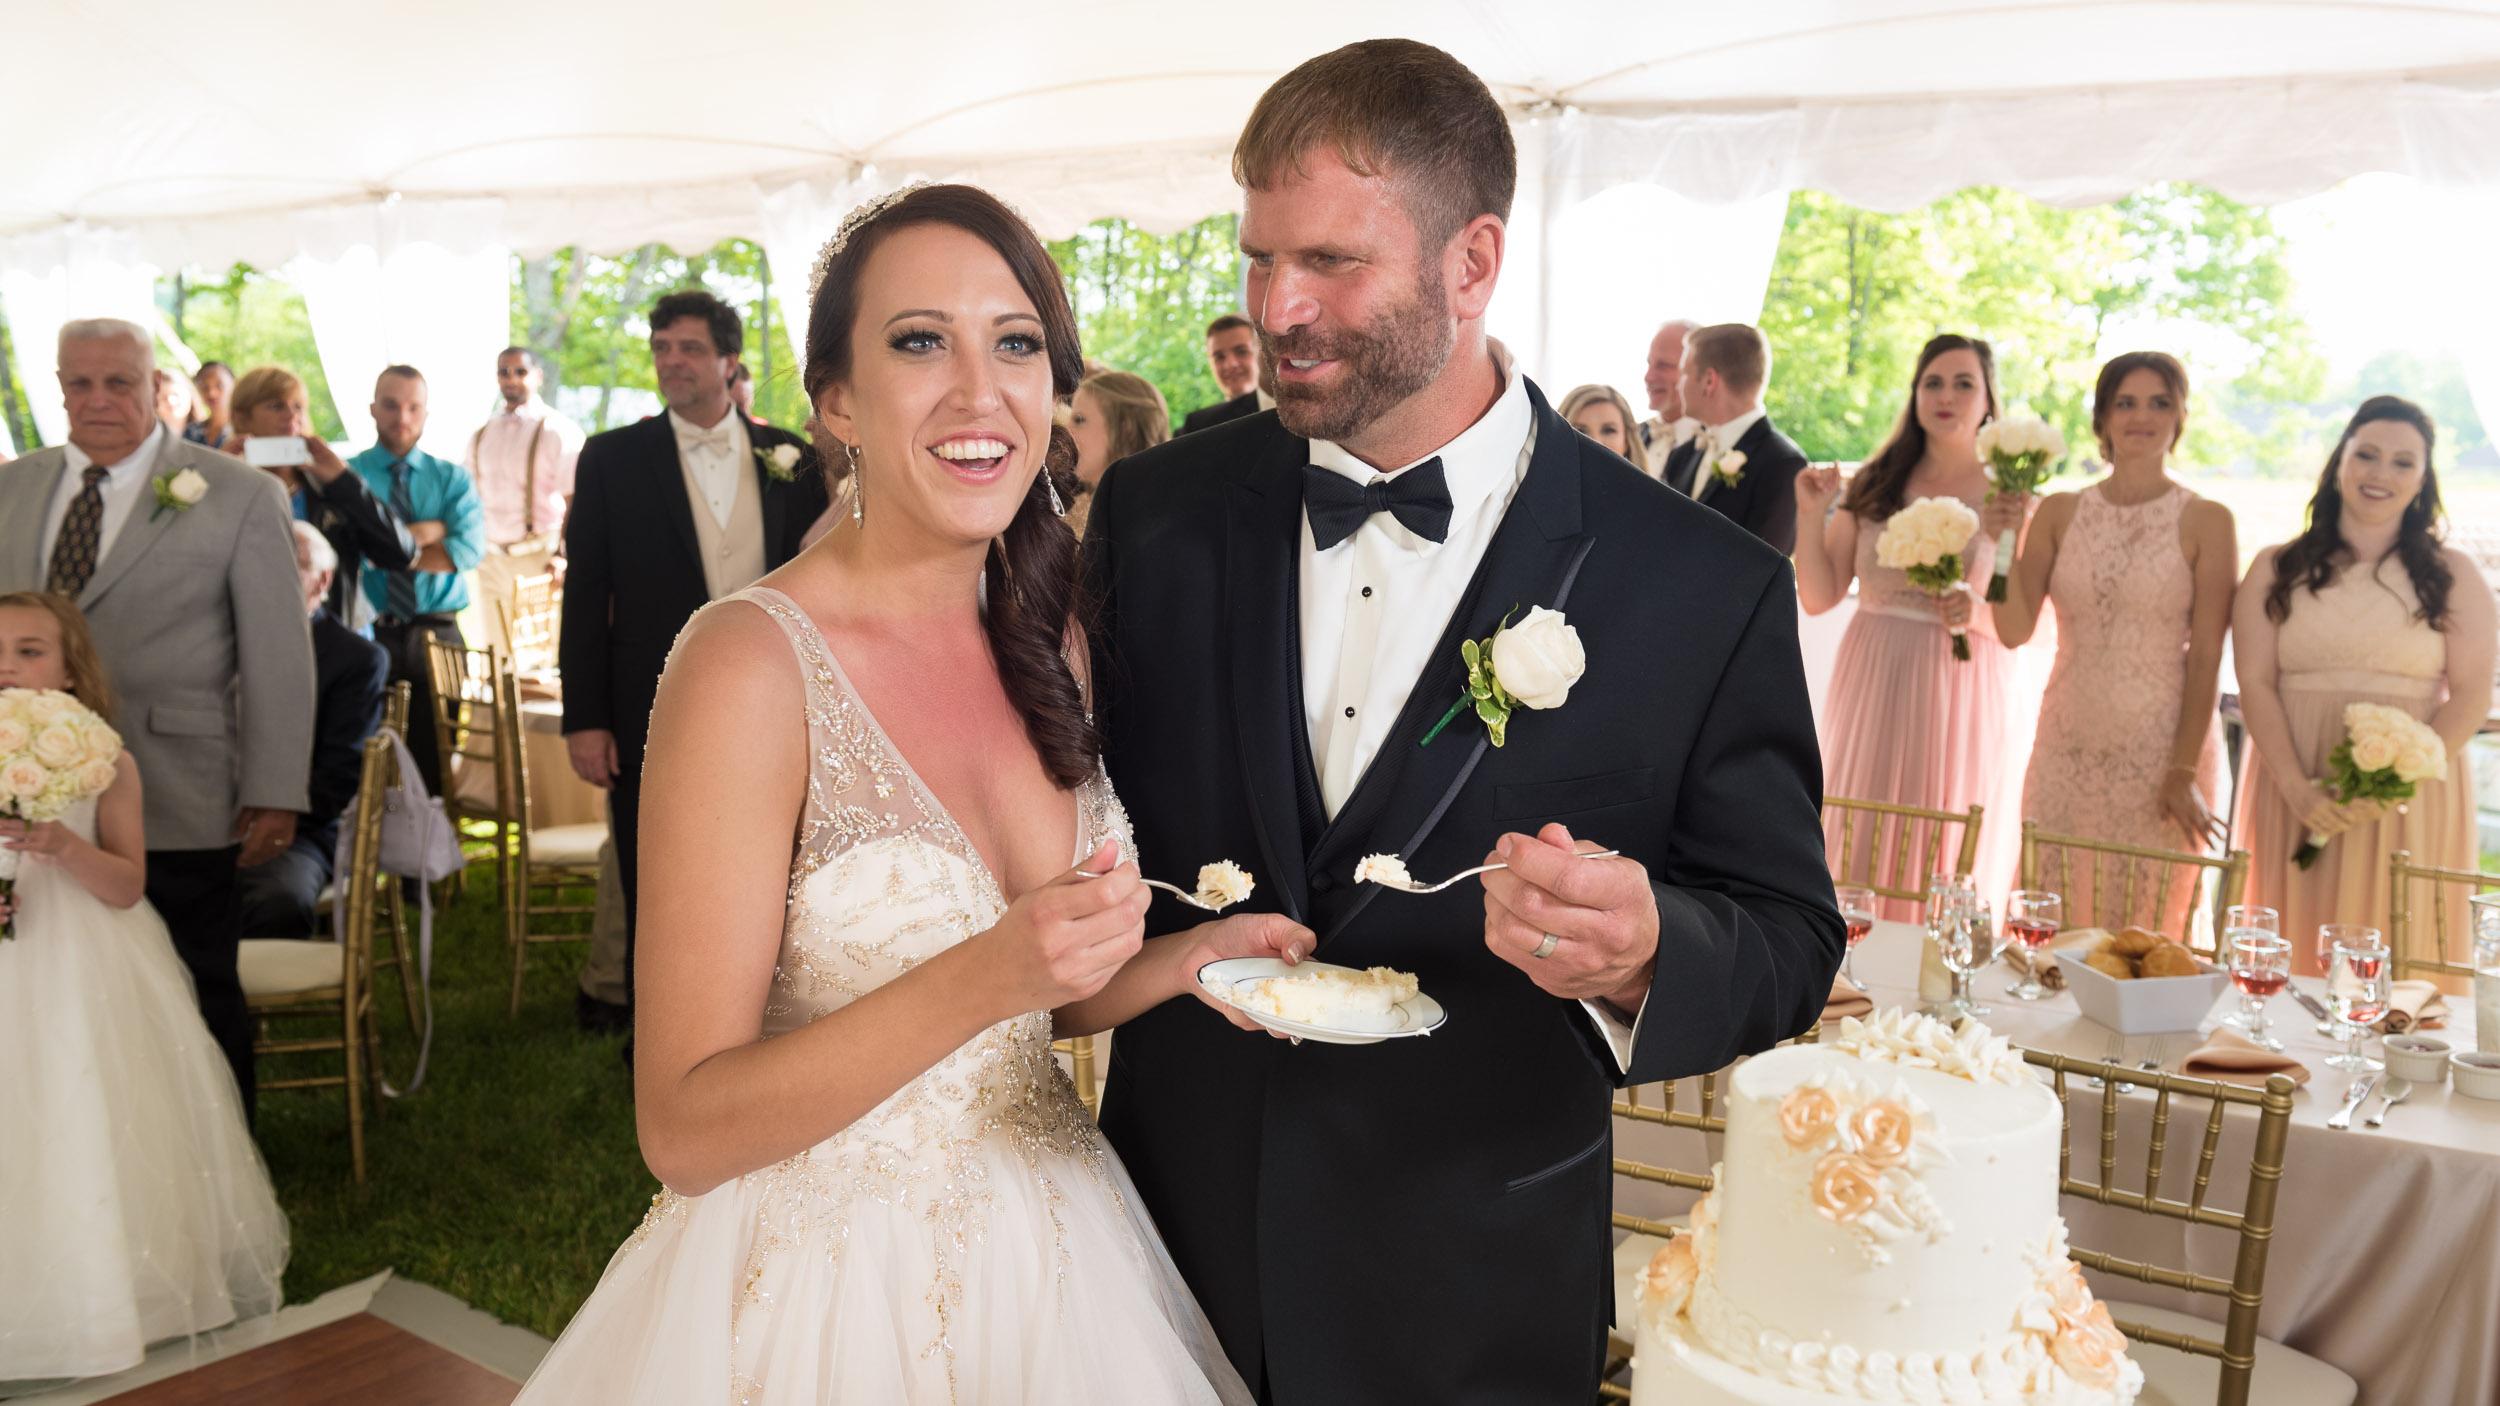 Wedding-reception-cutting-the-cake.jpg